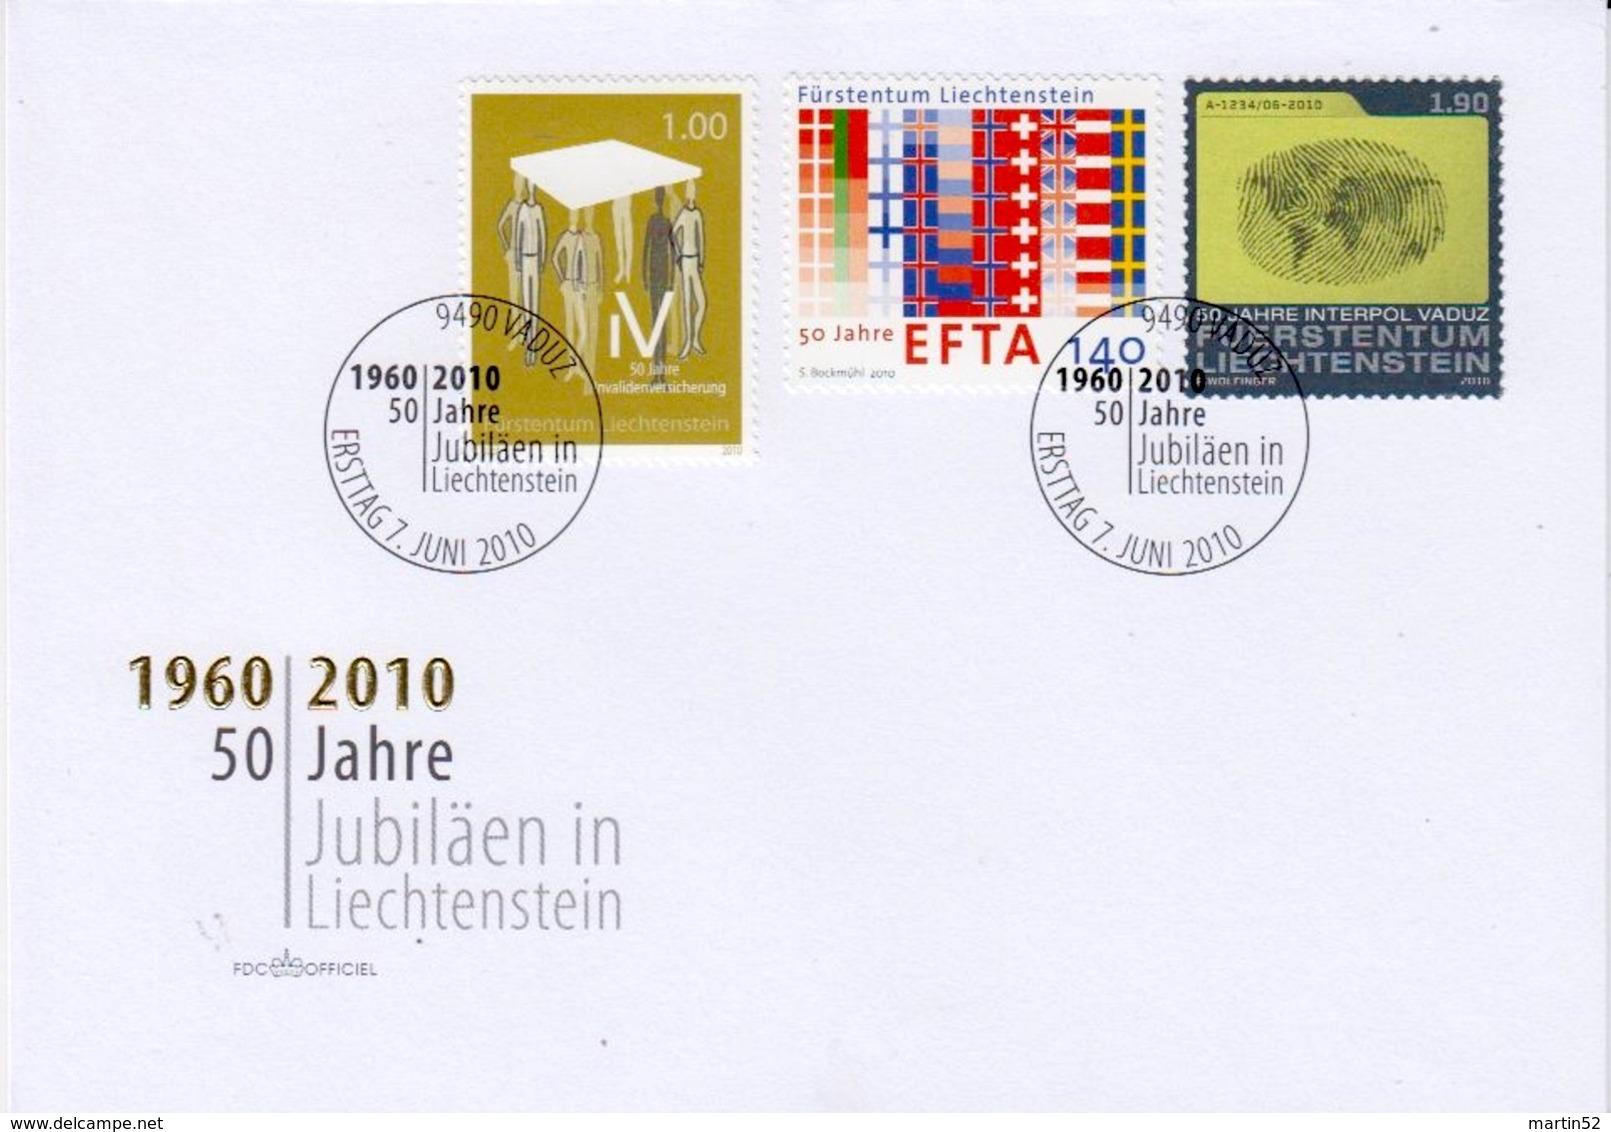 Liechtenstein 2010: 50 Jahre AHV & EFTA & INTERPOL Zu 1502-4 Mi 1558-60 Yv 1499-1501 FDC (Zu CHF 7.00) - Politie En Rijkswacht